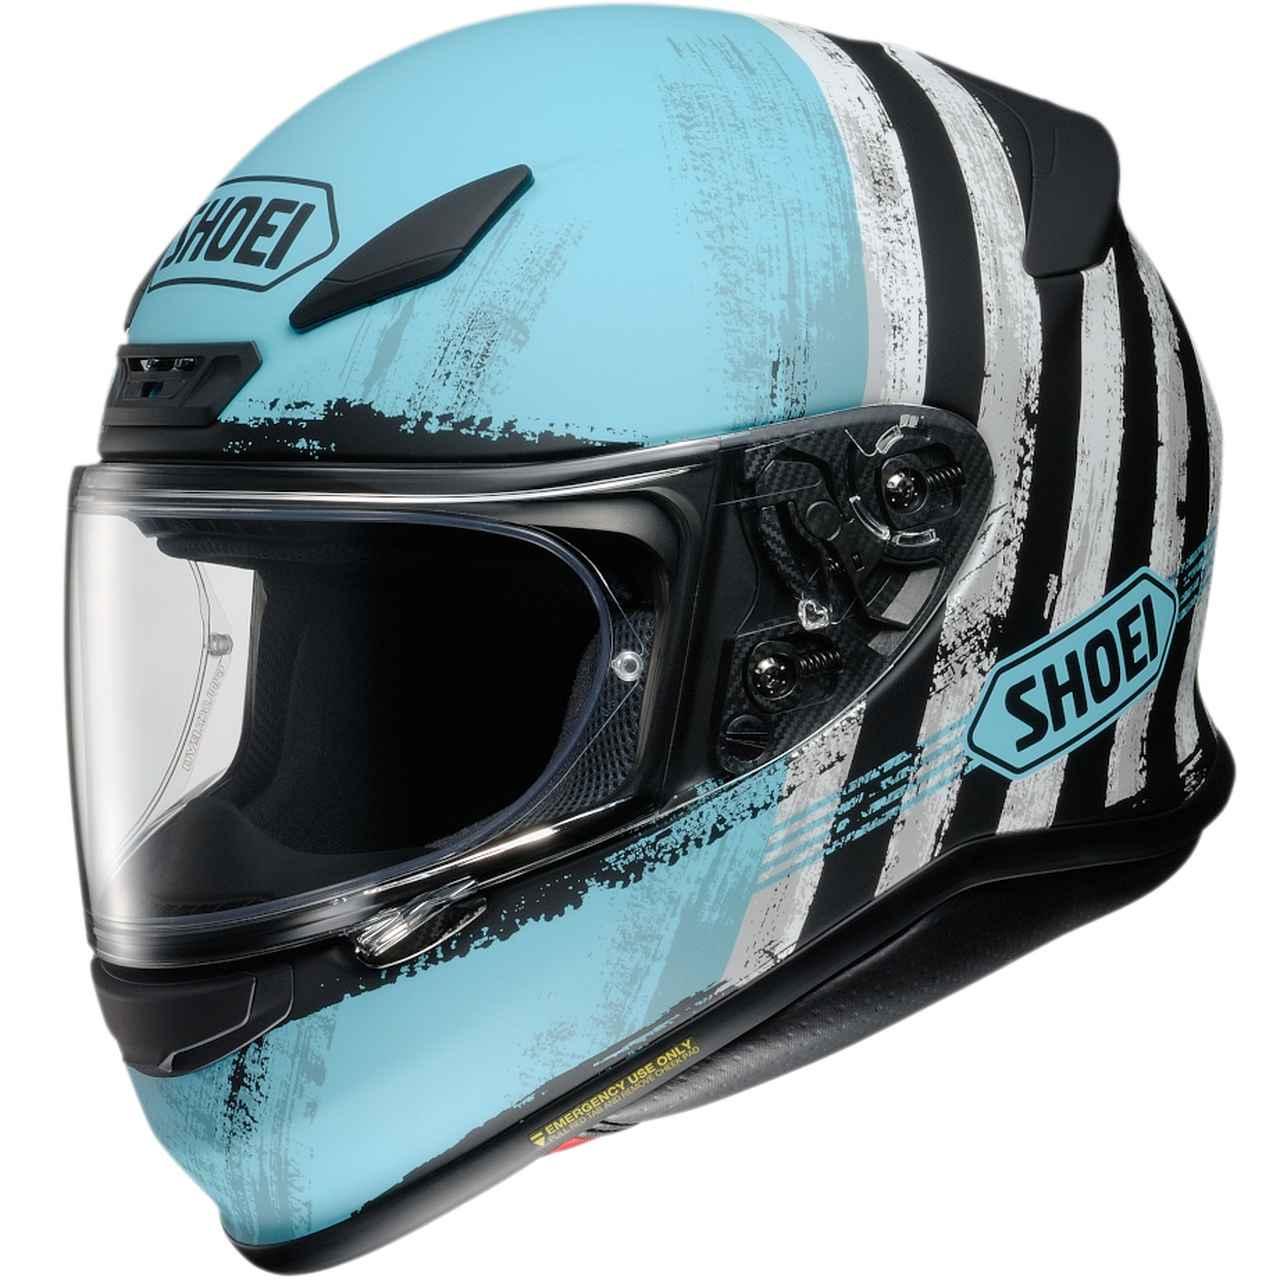 まるで手書きのような風合い! SHOEIのフルフェイスヘルメット「Z-7 SHOREBREAK」が受注限定モデルとして新登場